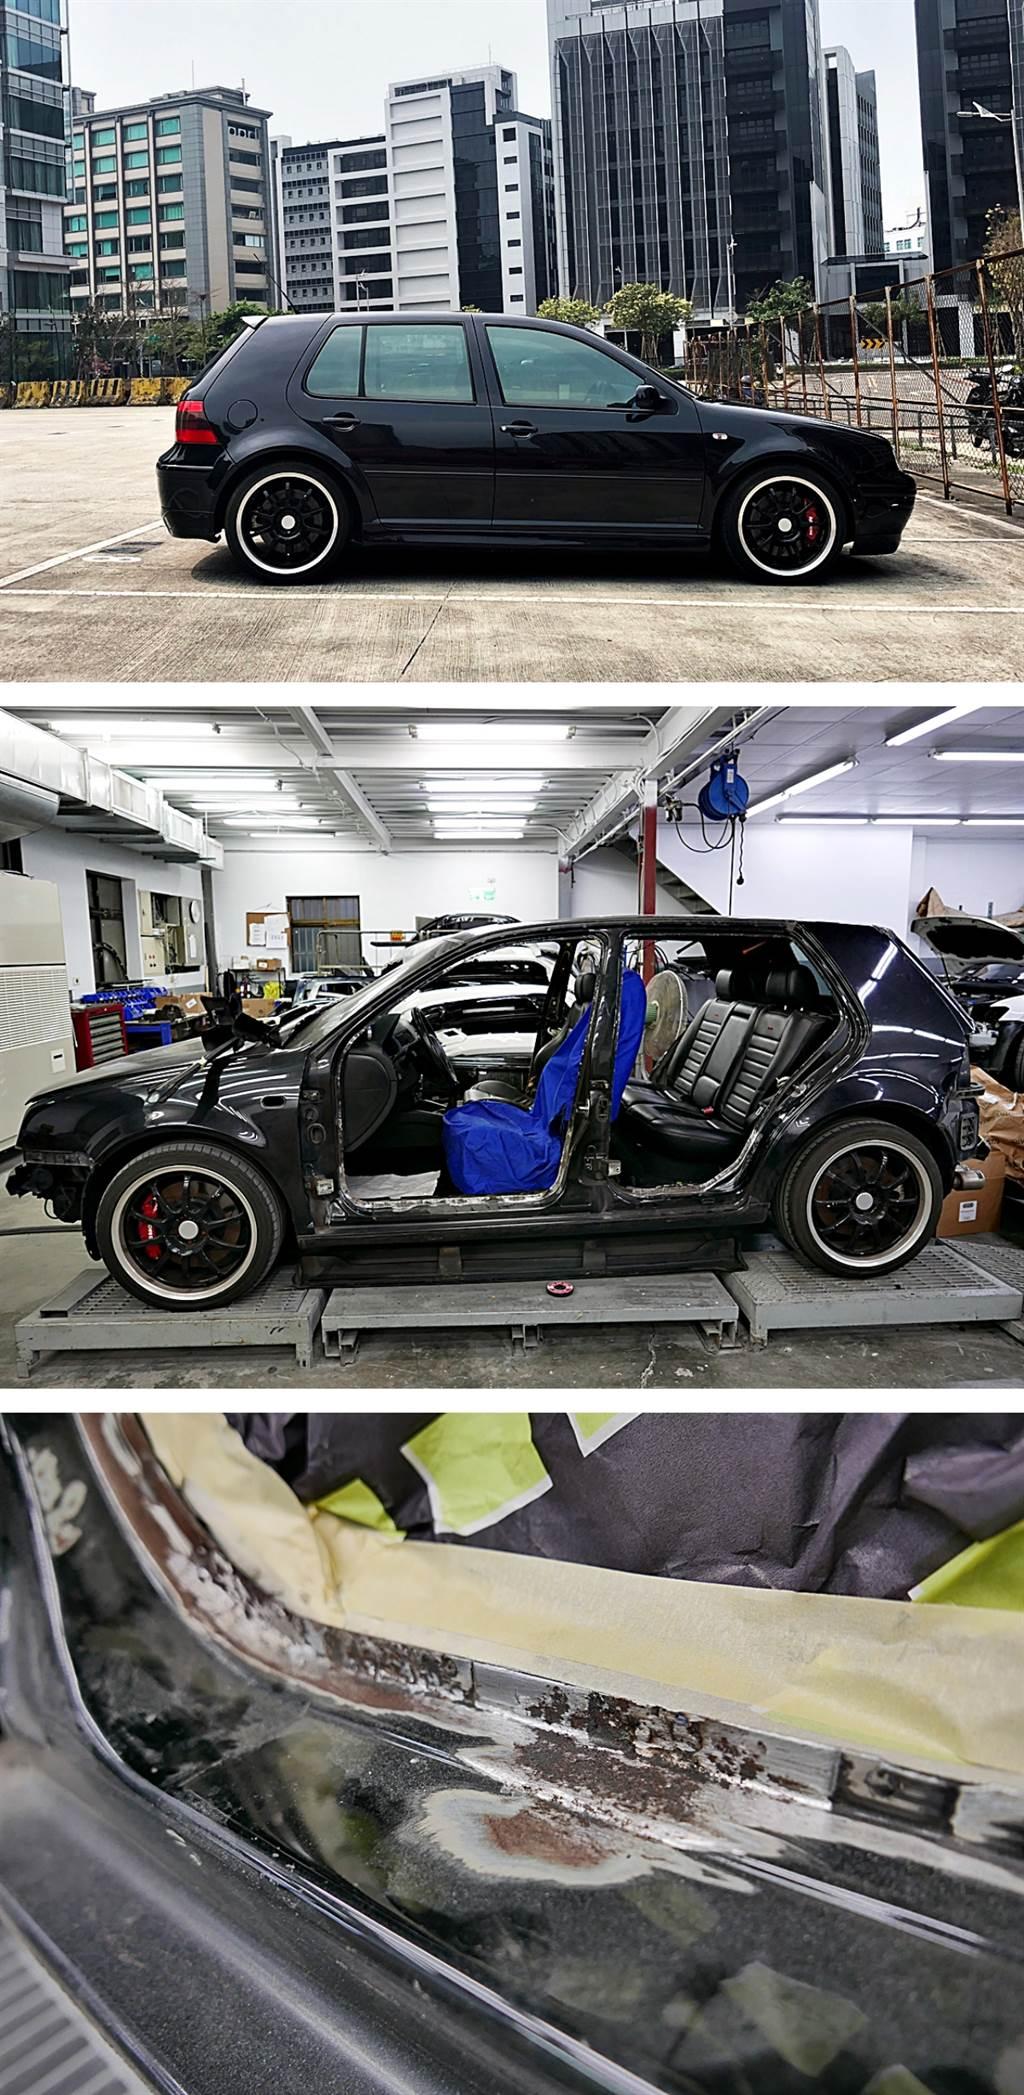 鏽蝕一直都是經典老車的惡夢,猶如癌細胞一般惱人。